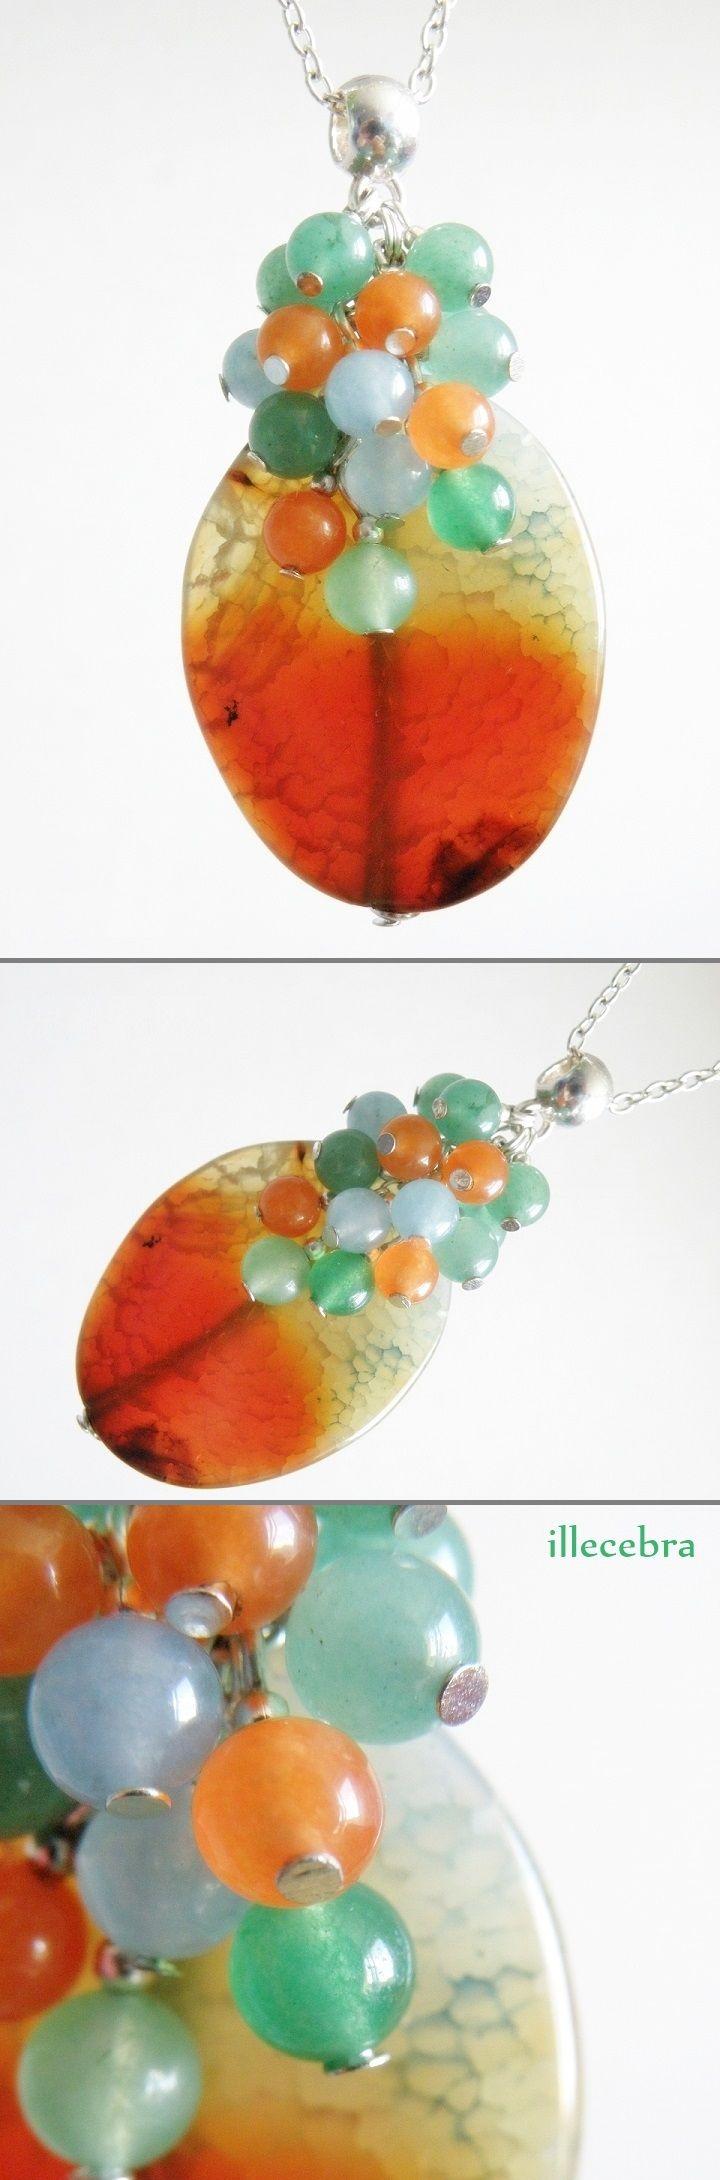 #illecebra #pendant #necklace #agate